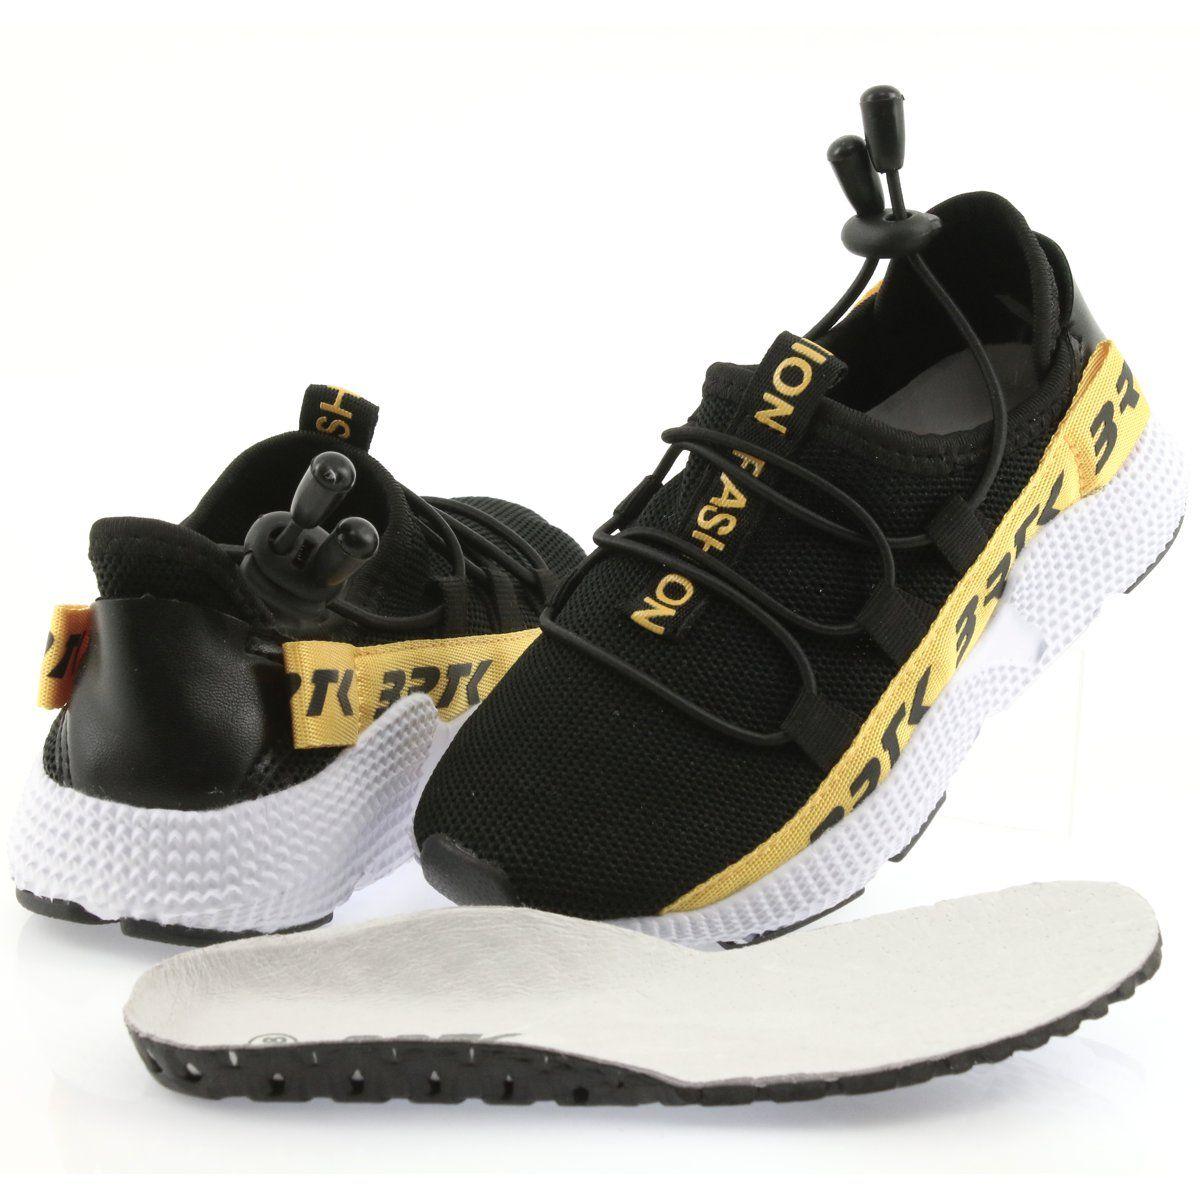 Buty Sportowe Dzieciece Dla Dzieci Bartek Bartek Adidasy Sportowe Czarne 55109 Wkladka Skora Kid Shoes Black Shoes Sports Shoes